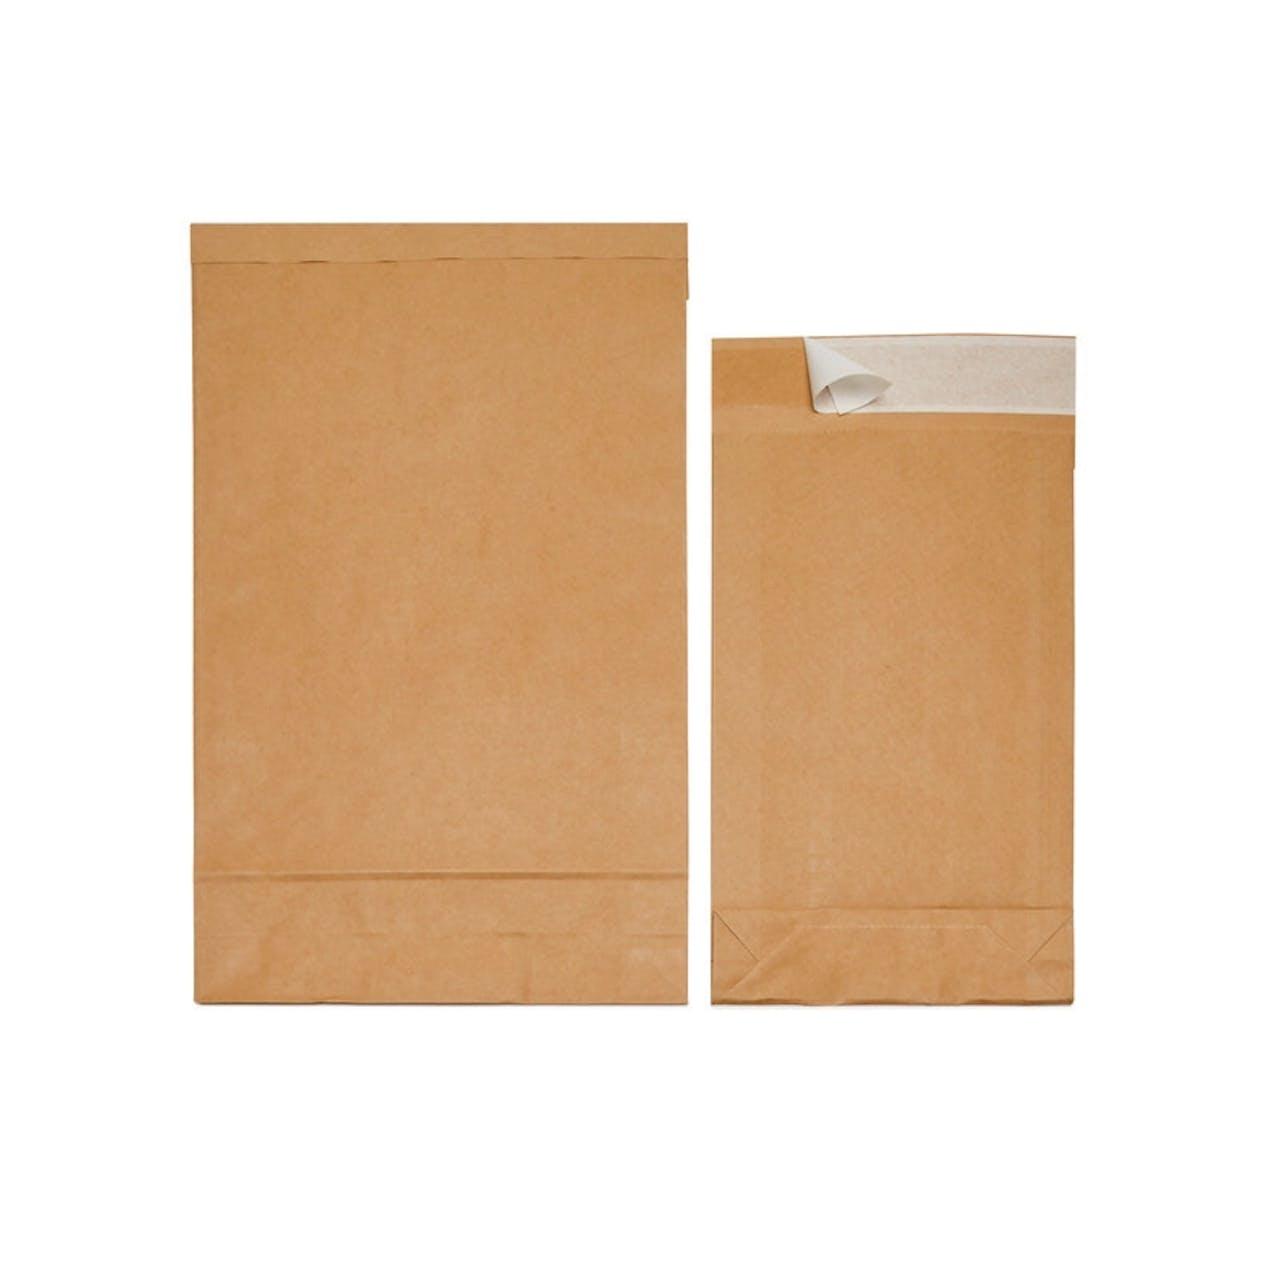 Pochette à soufflets en papier kraft à la soude, Var: MF6